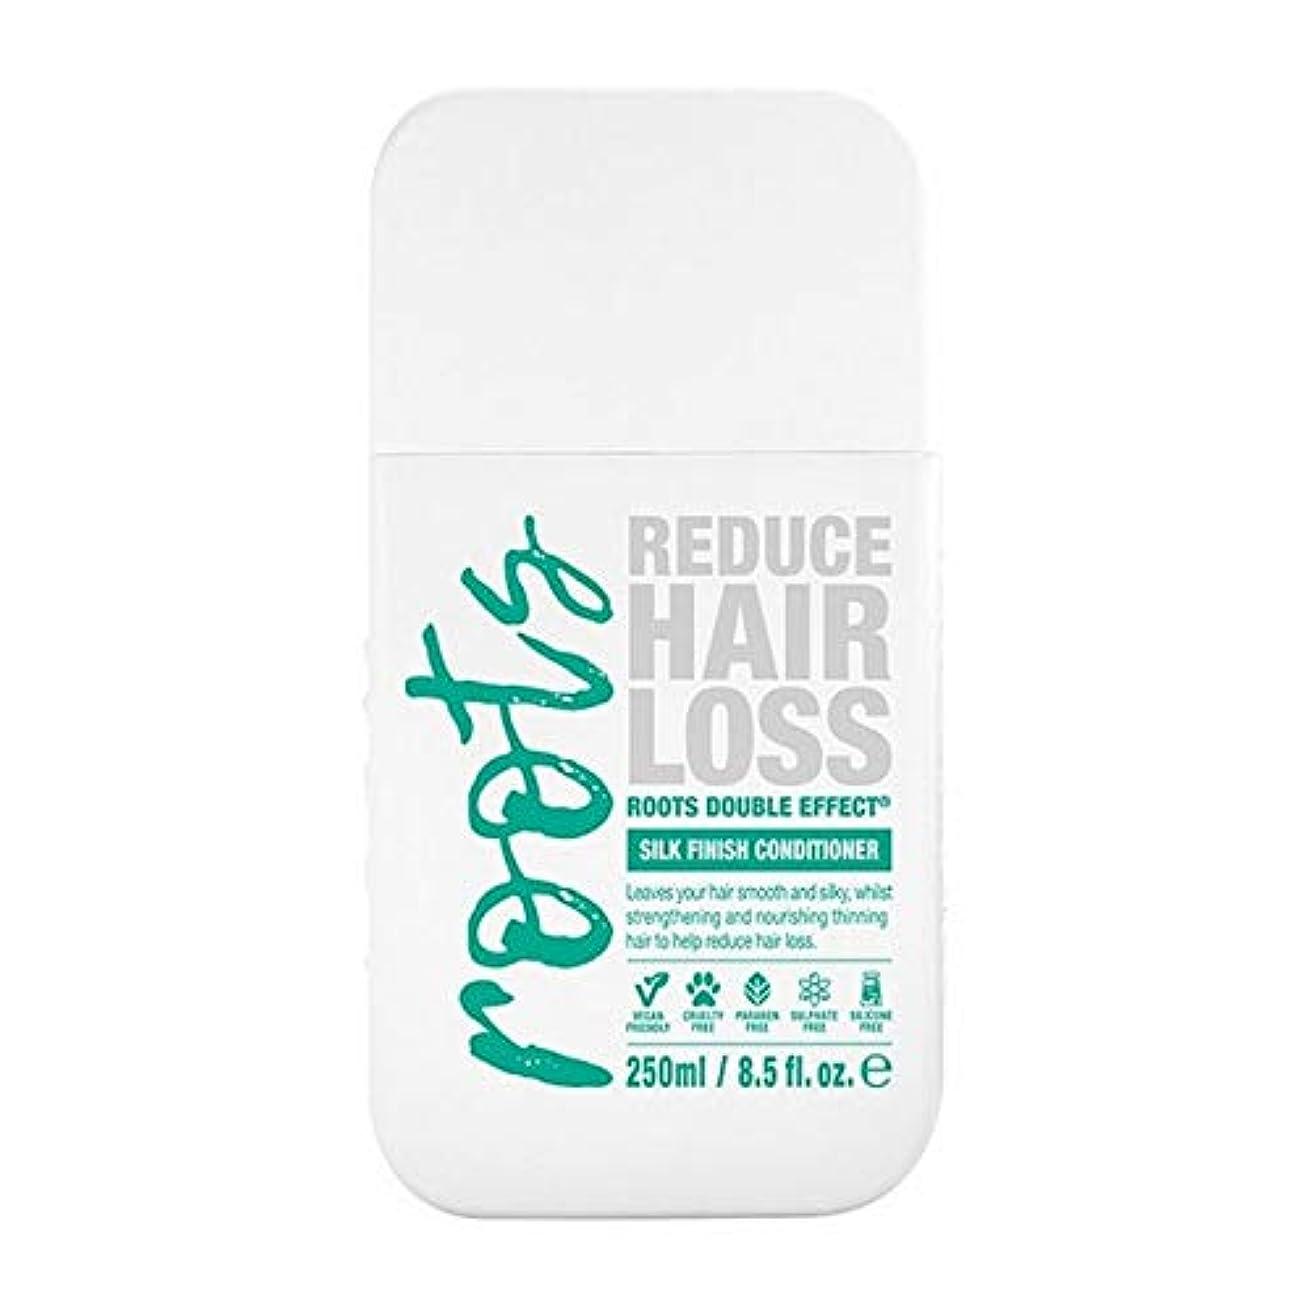 アルカトラズ島から苗[Roots ] 根のダブル効果育毛シャンプー250Ml - Roots Double Effect Hair Growth Conditioner 250ml [並行輸入品]